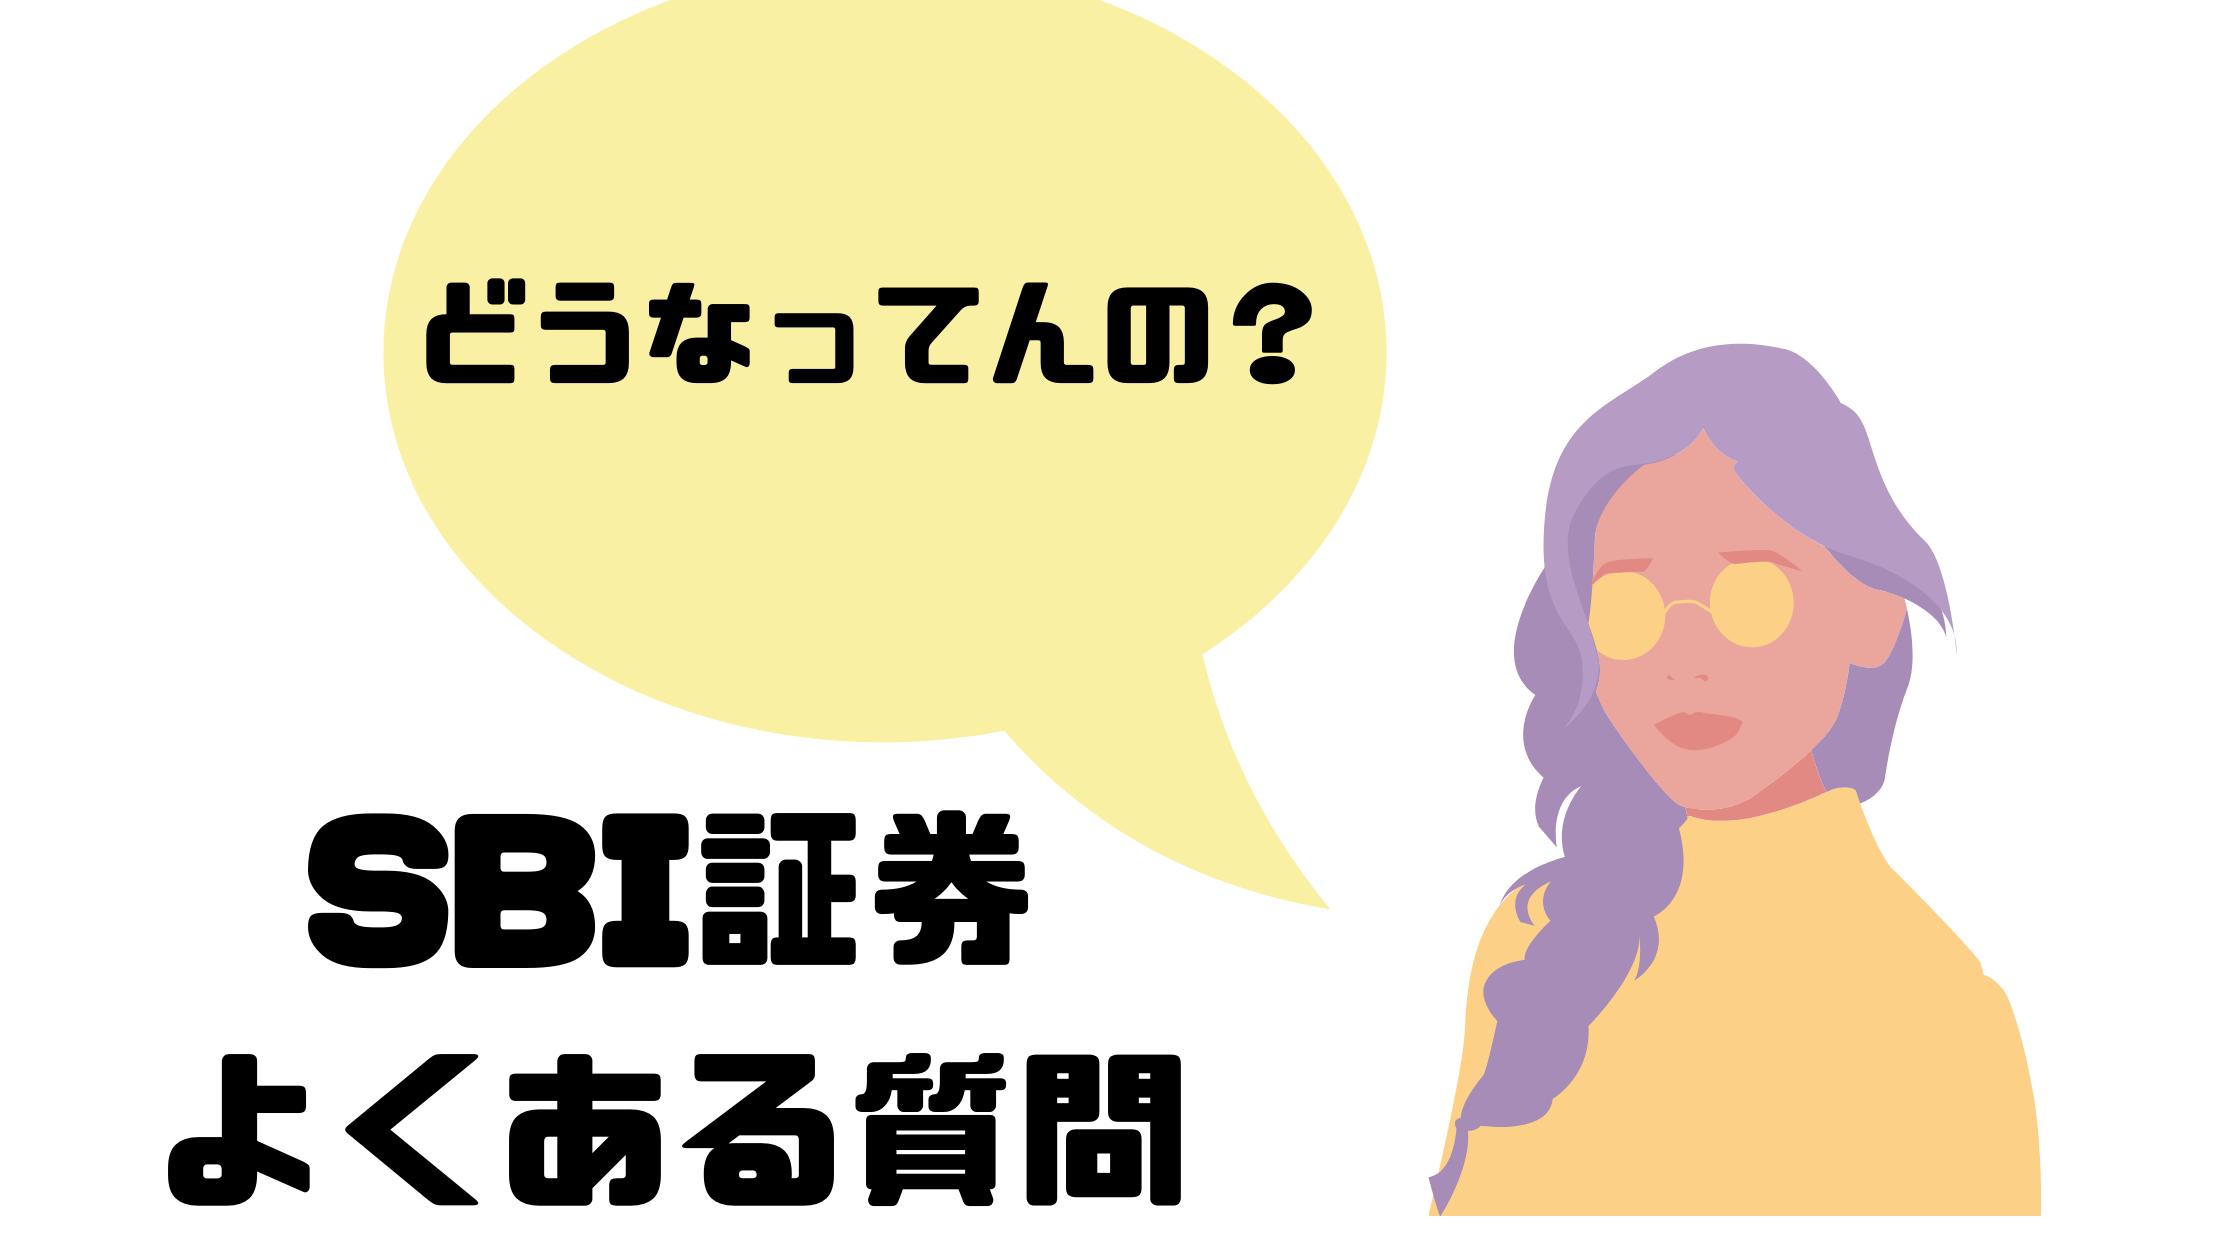 SBI証券 評判_よくある質問